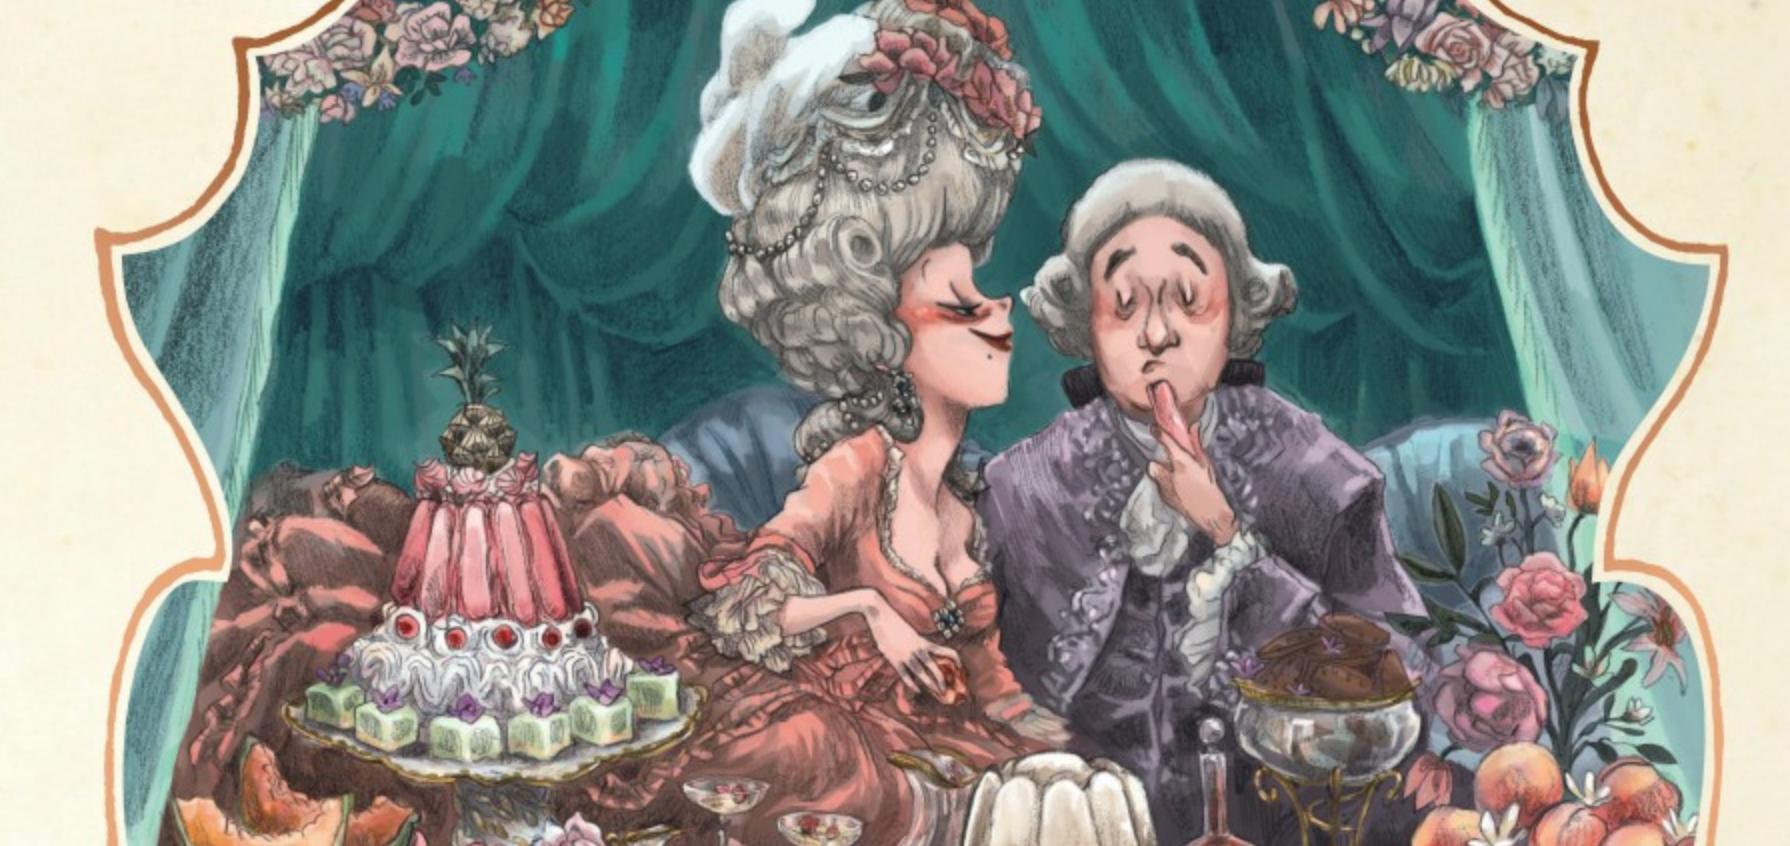 Exposition - Versailles dans la Bande dessinée et dédicace de Maud Begon